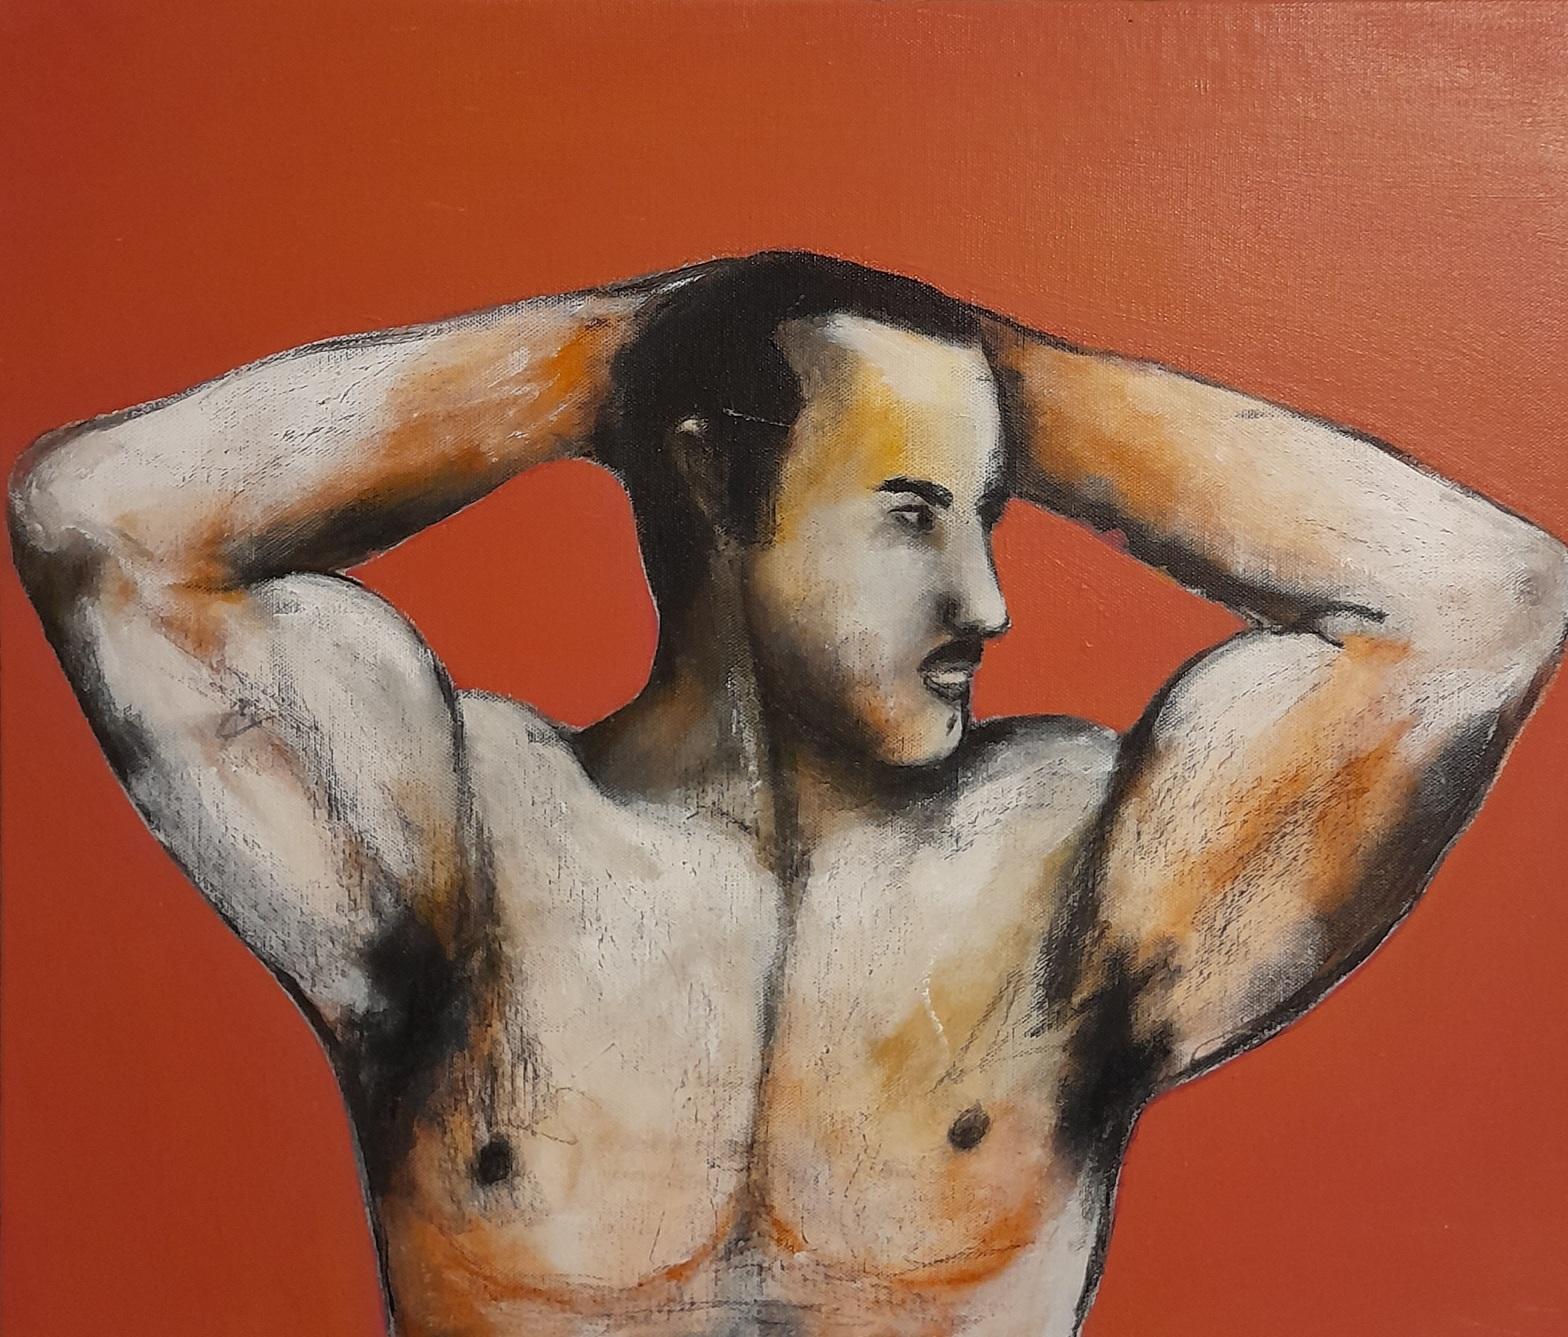 Leon Wahlberg - målning på konstutställning på Södermalm